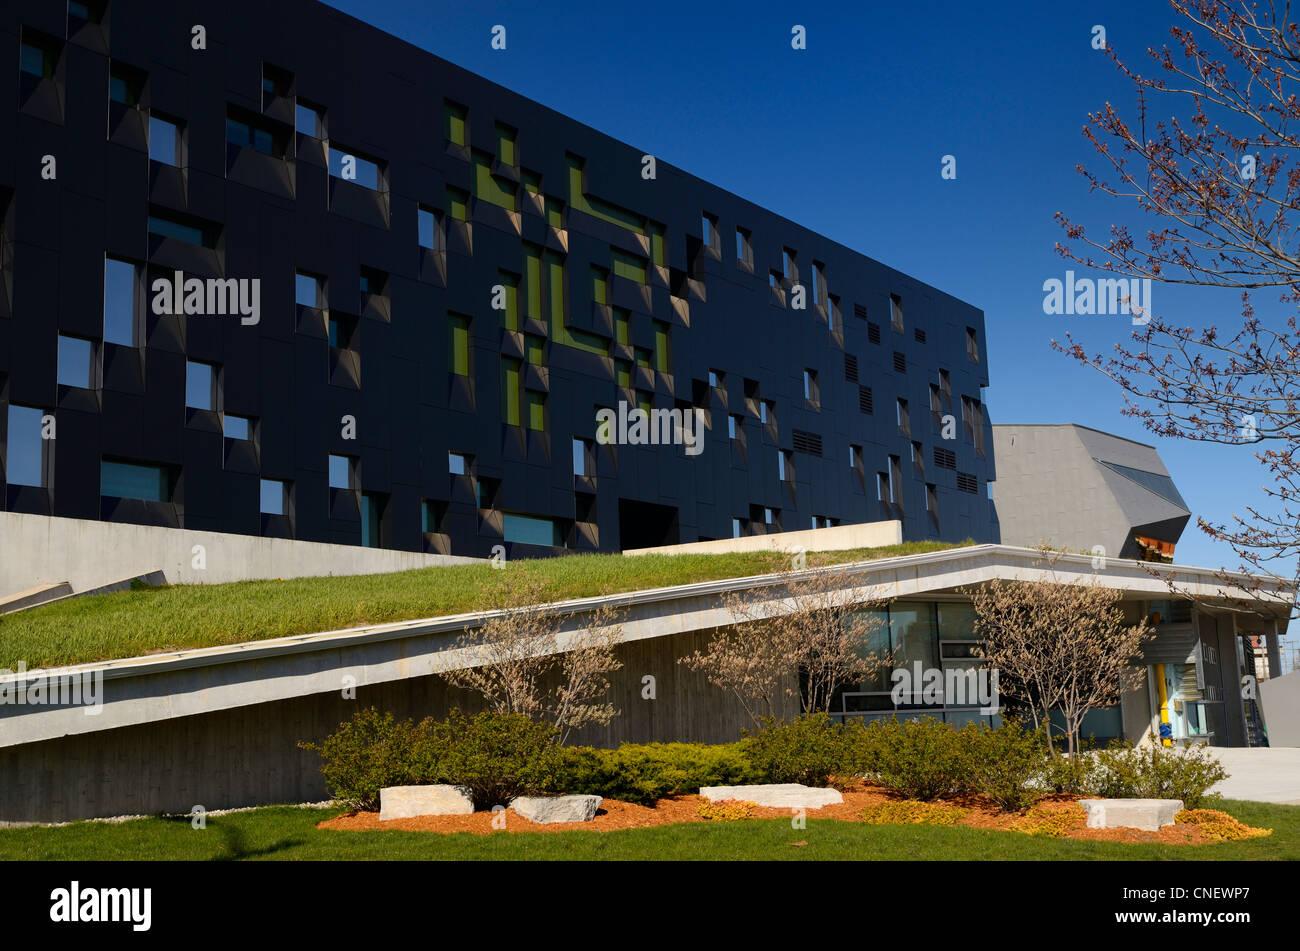 Futuristische Architektur des Perimeter Institute theoretische Physik Forschung Gebäude waterloo Kanada im Stockbild